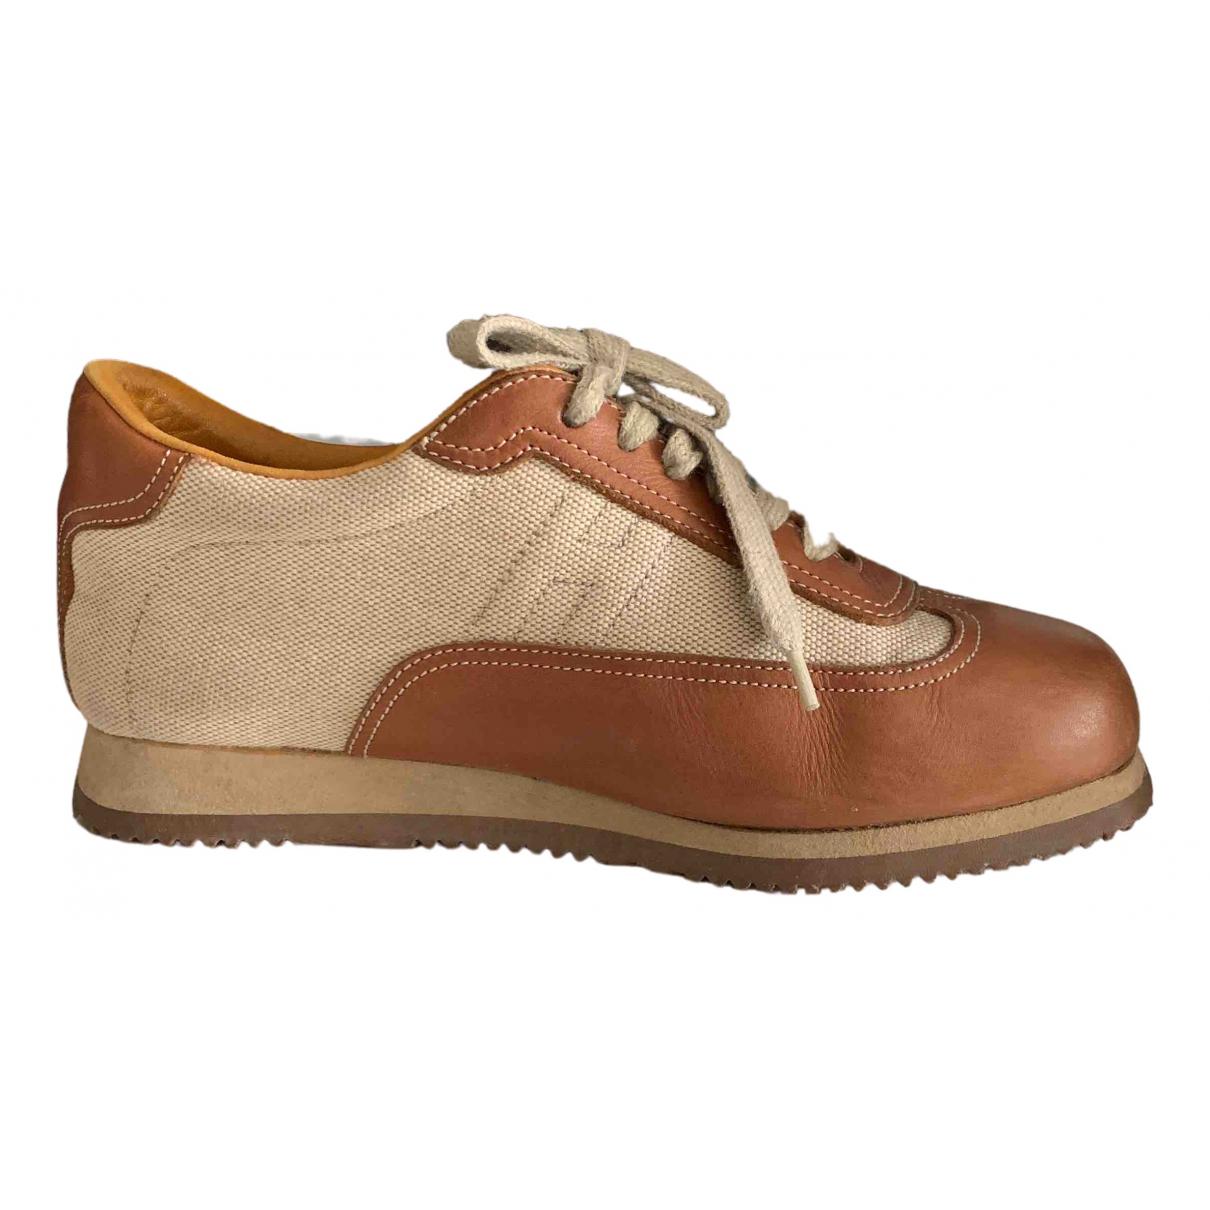 Hermes \N Sneakers in  Kamel Leder